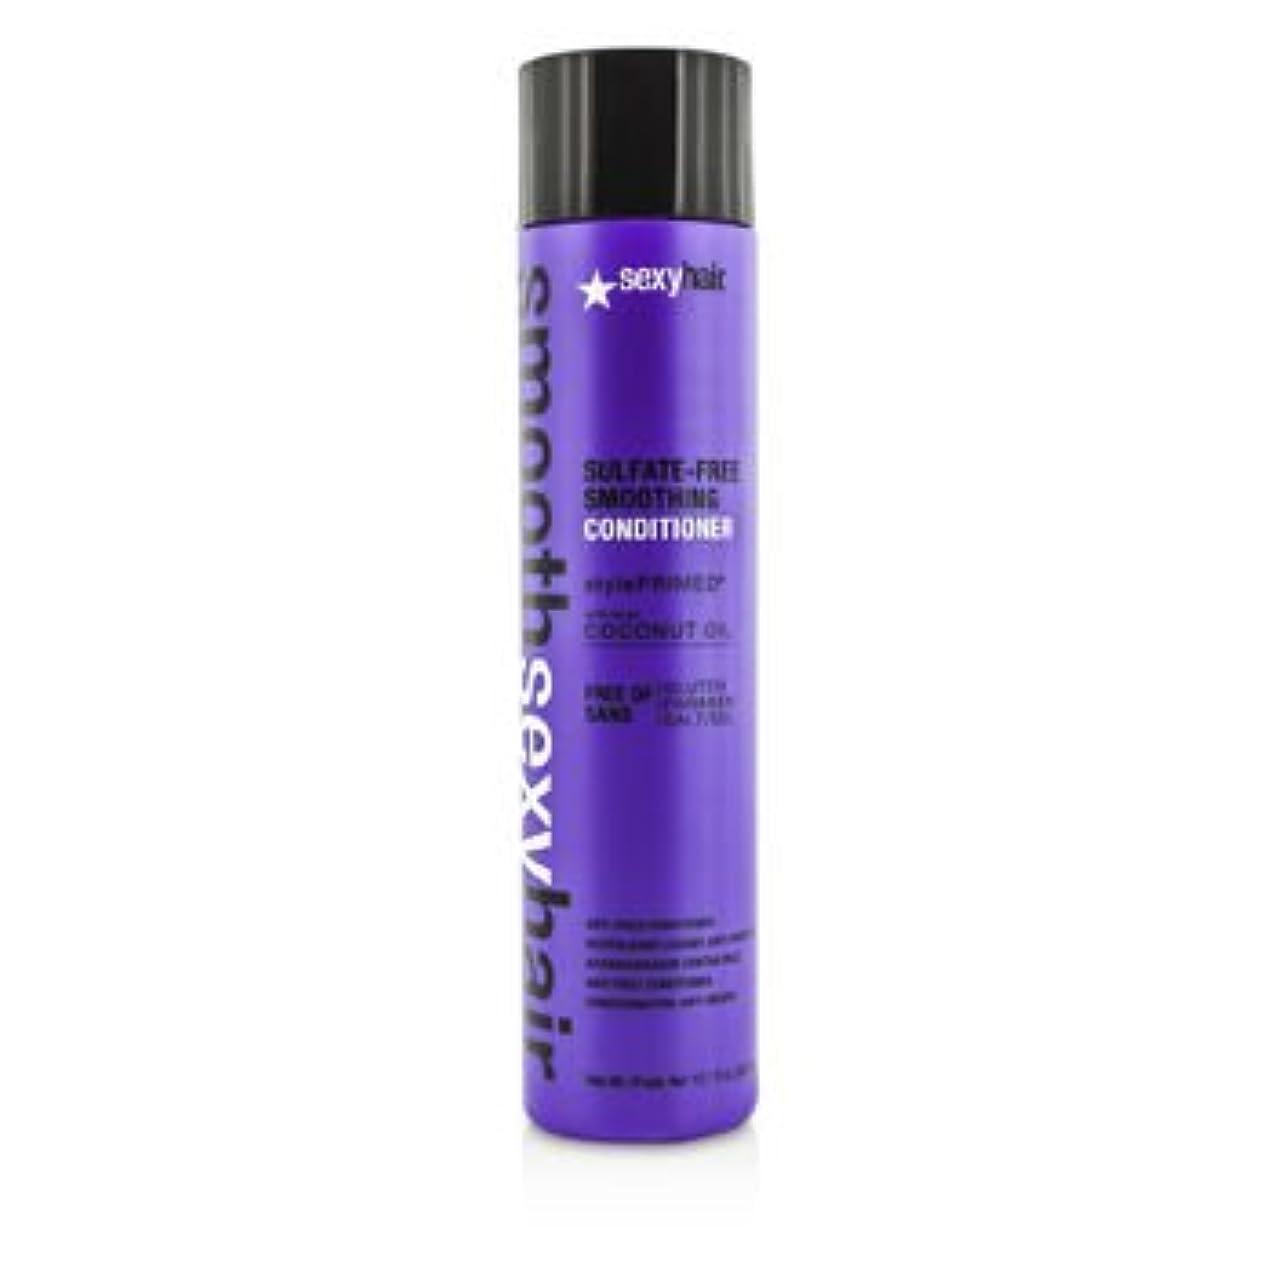 艦隊お手入れ大胆な[Sexy Hair Concepts] Smooth Sexy Hair Sulfate-Free Smoothing Conditioner (Anti-Frizz) 300ml/10.1oz